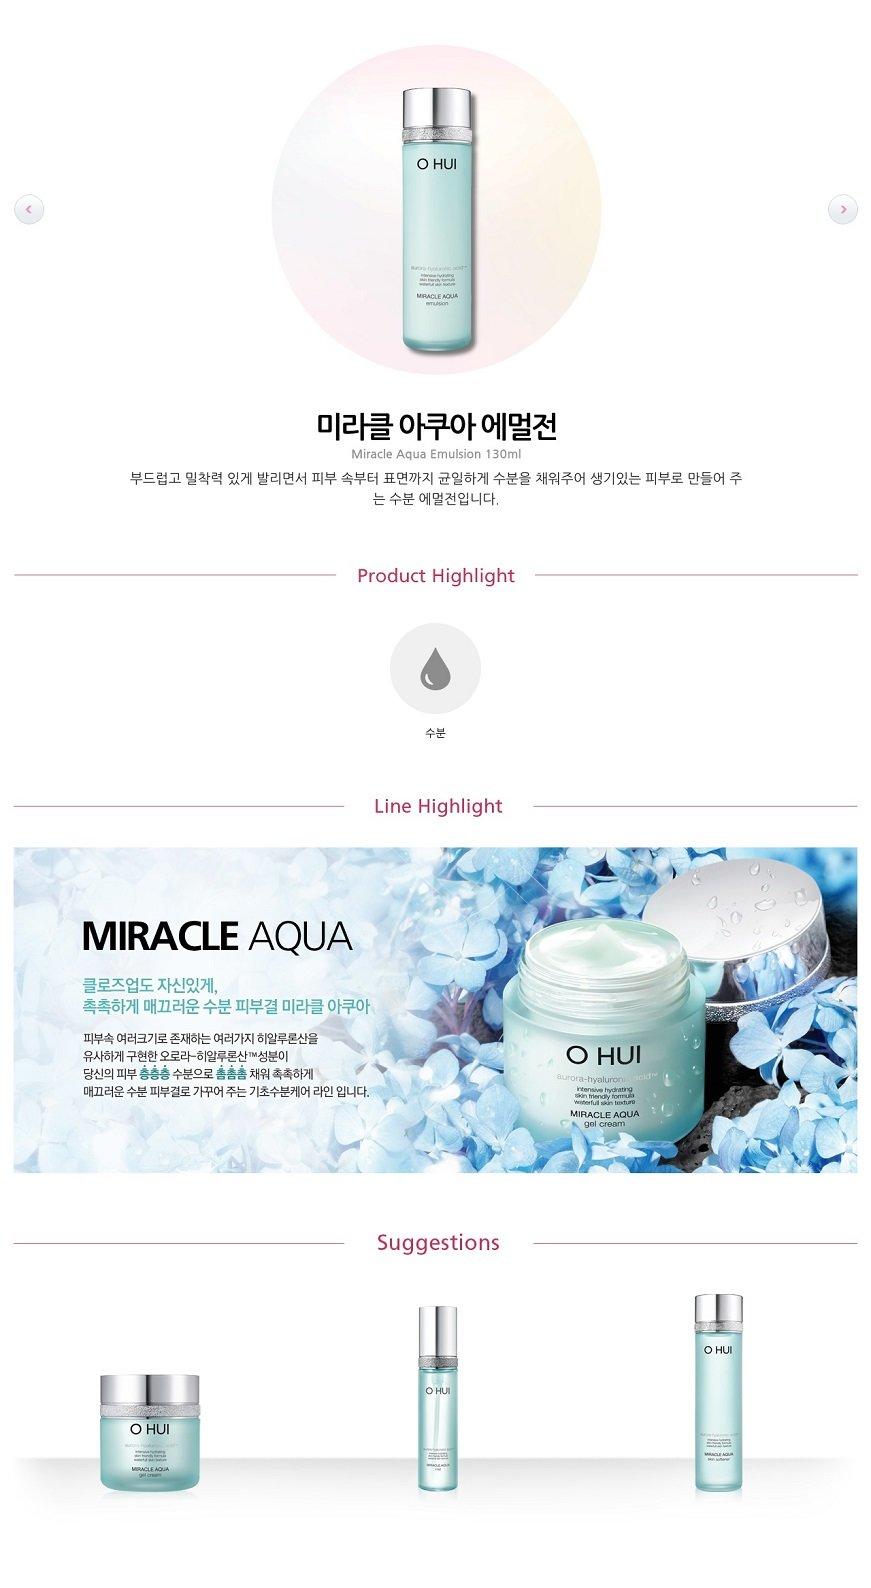 OHUI Miracle Aqua Emulsion 130ml malaysia singapore indonesia